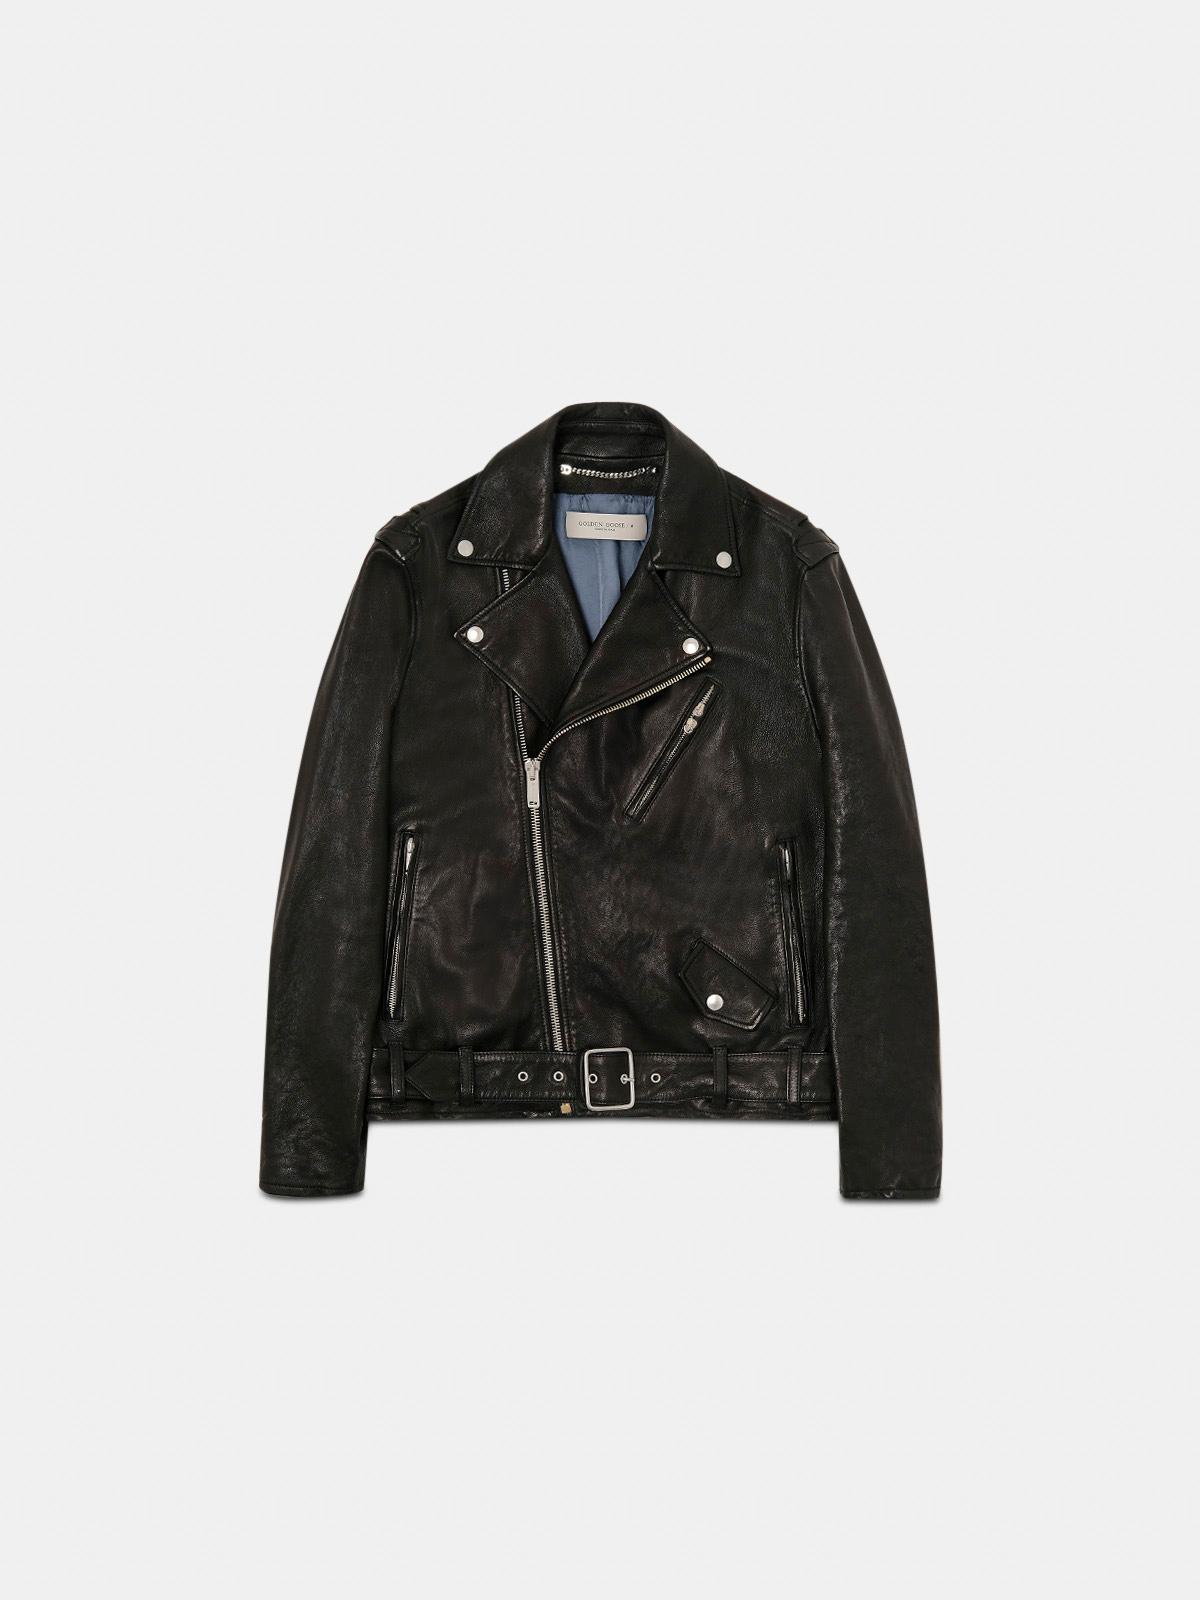 Golden Goose - Golden biker jacket in vegetable-tanned leather in